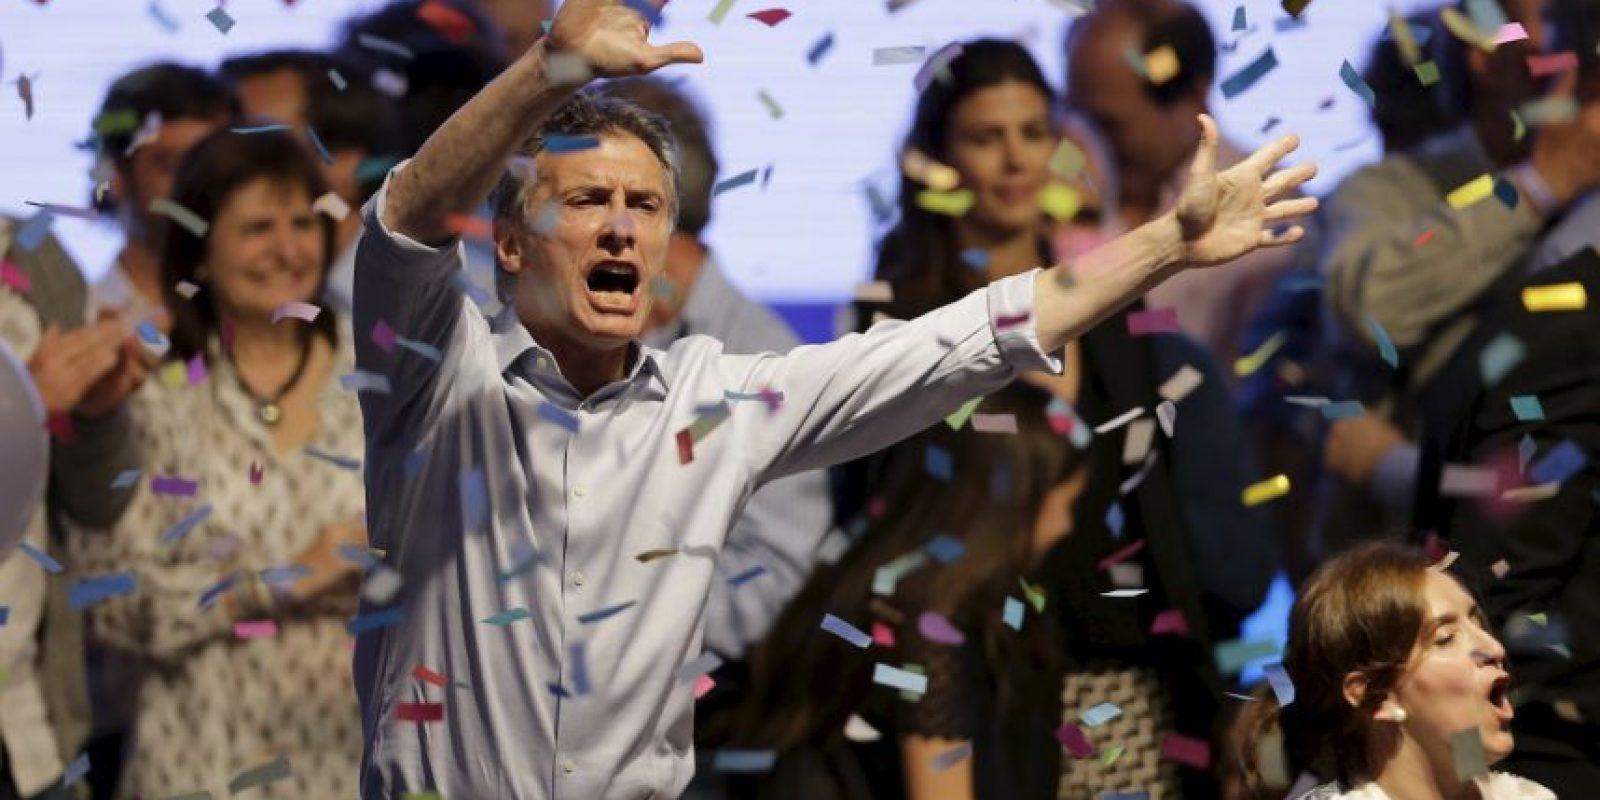 """Mauricio Macri, candidato presidencial de la alianza electoral """"Cambiemos"""", fue la gran sorpresa de la primera vuelta electoral celebrada el domingo 25 de octubre. Foto:AP"""